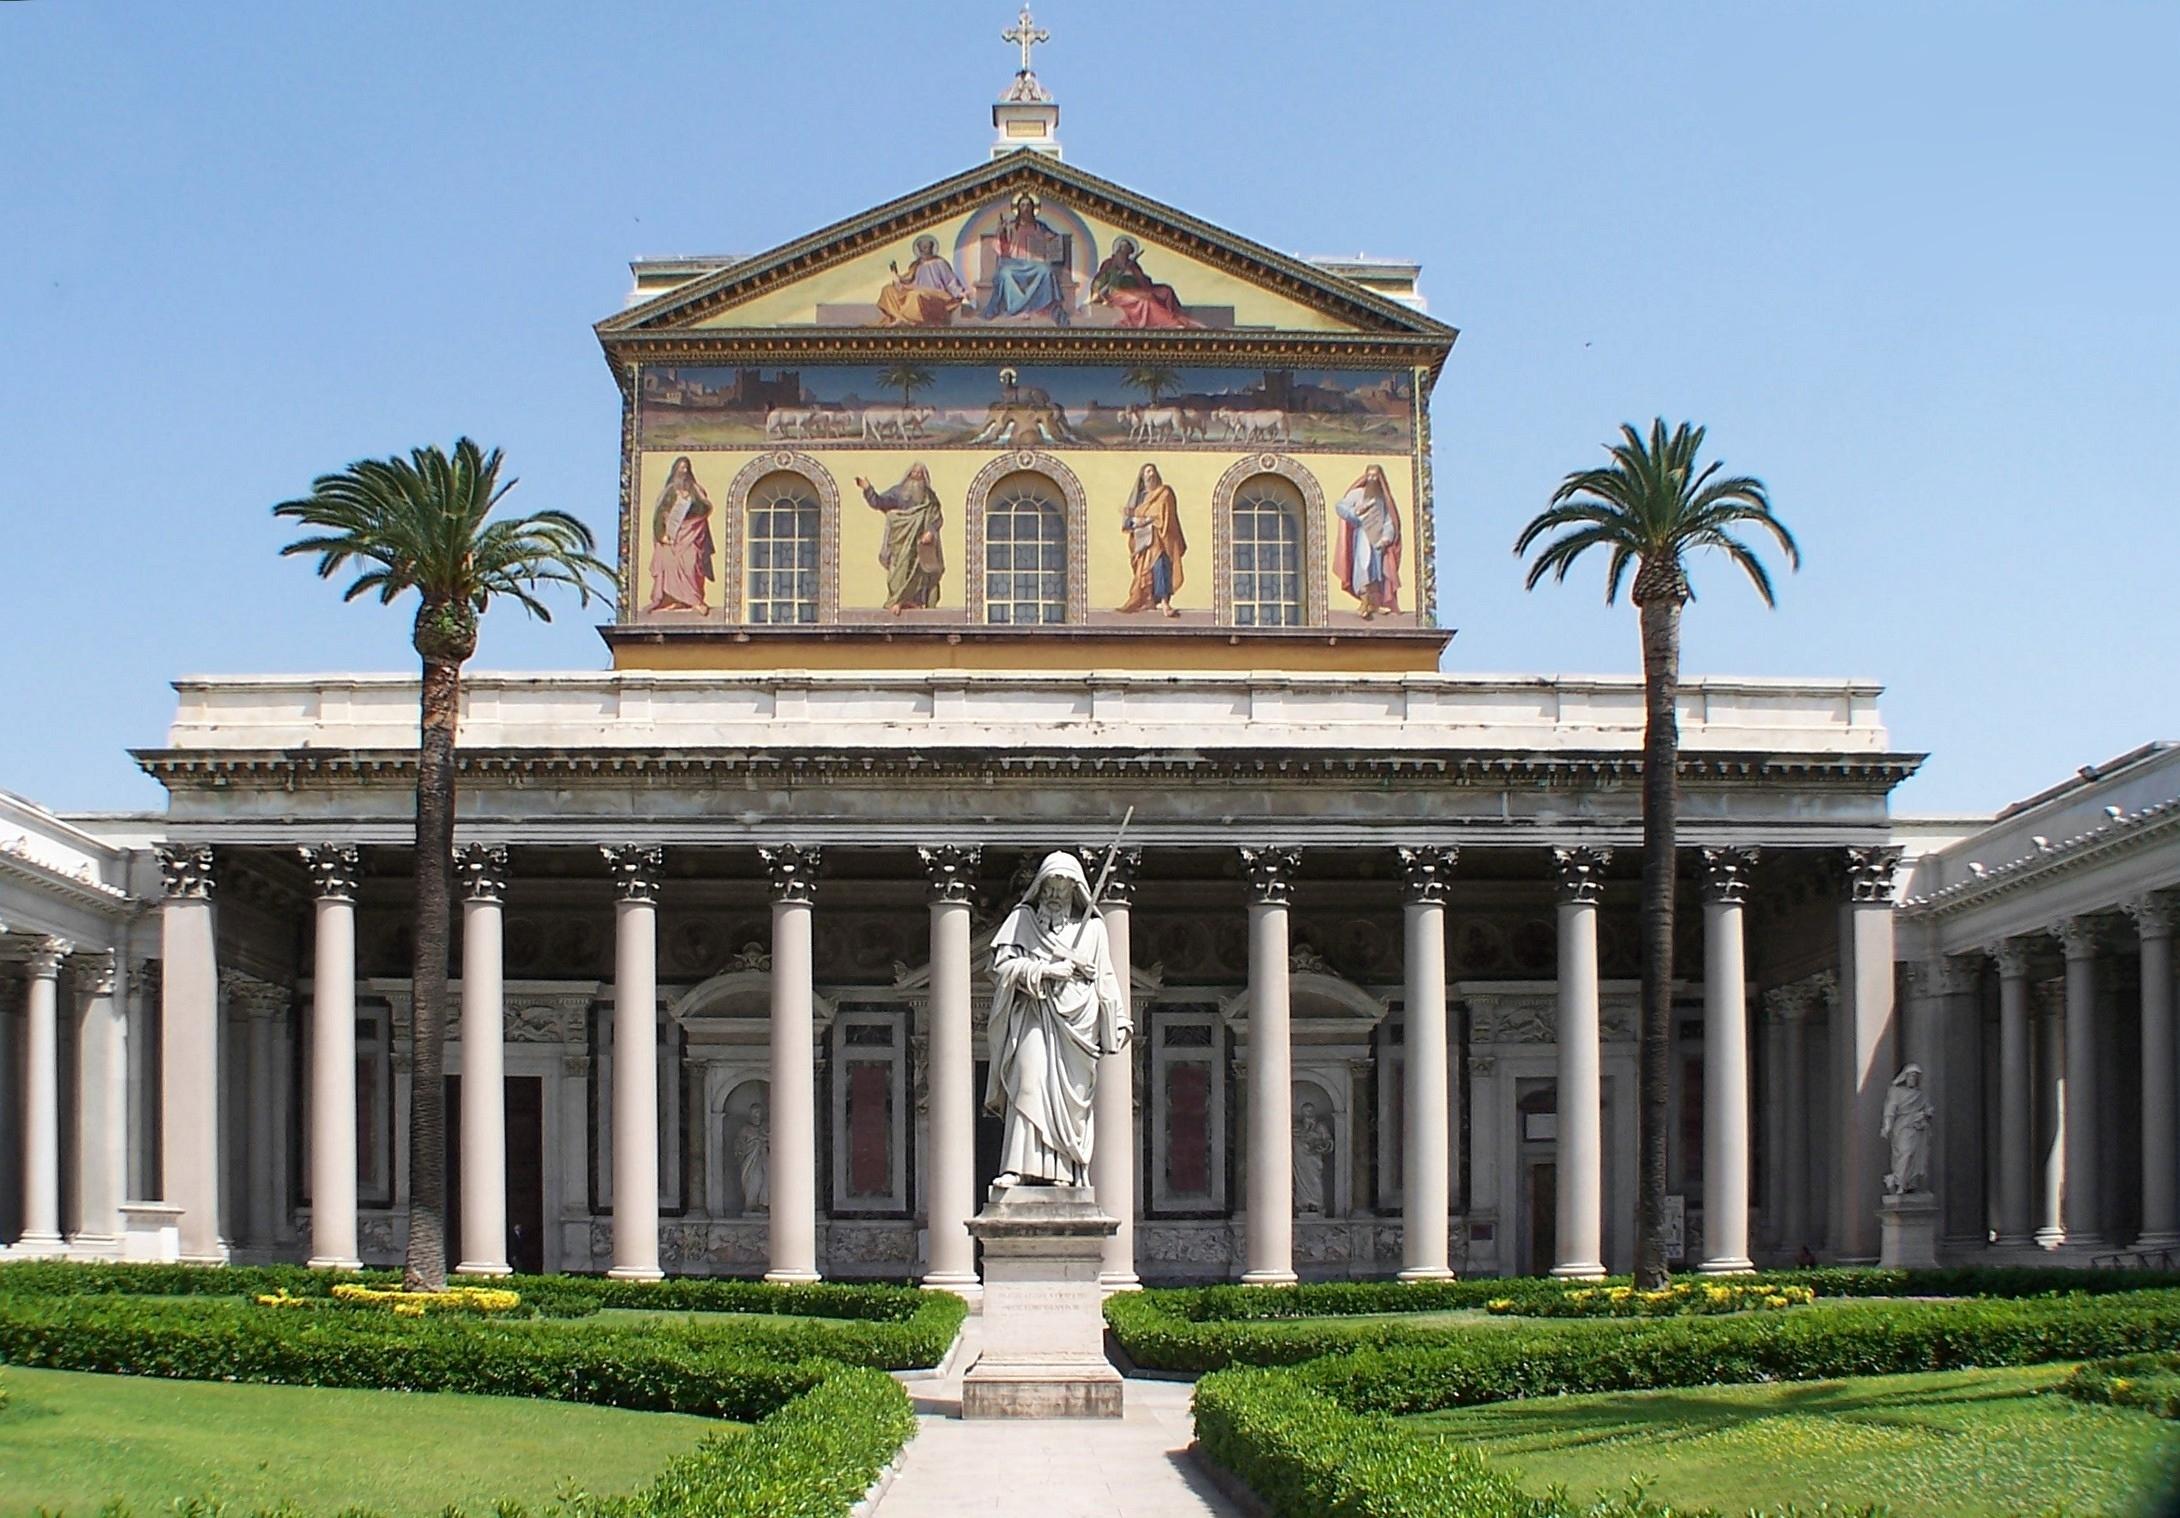 Papale arcibasilica patriarcale maggiore arcipretale abbaziale di San Paolo fuori le mura